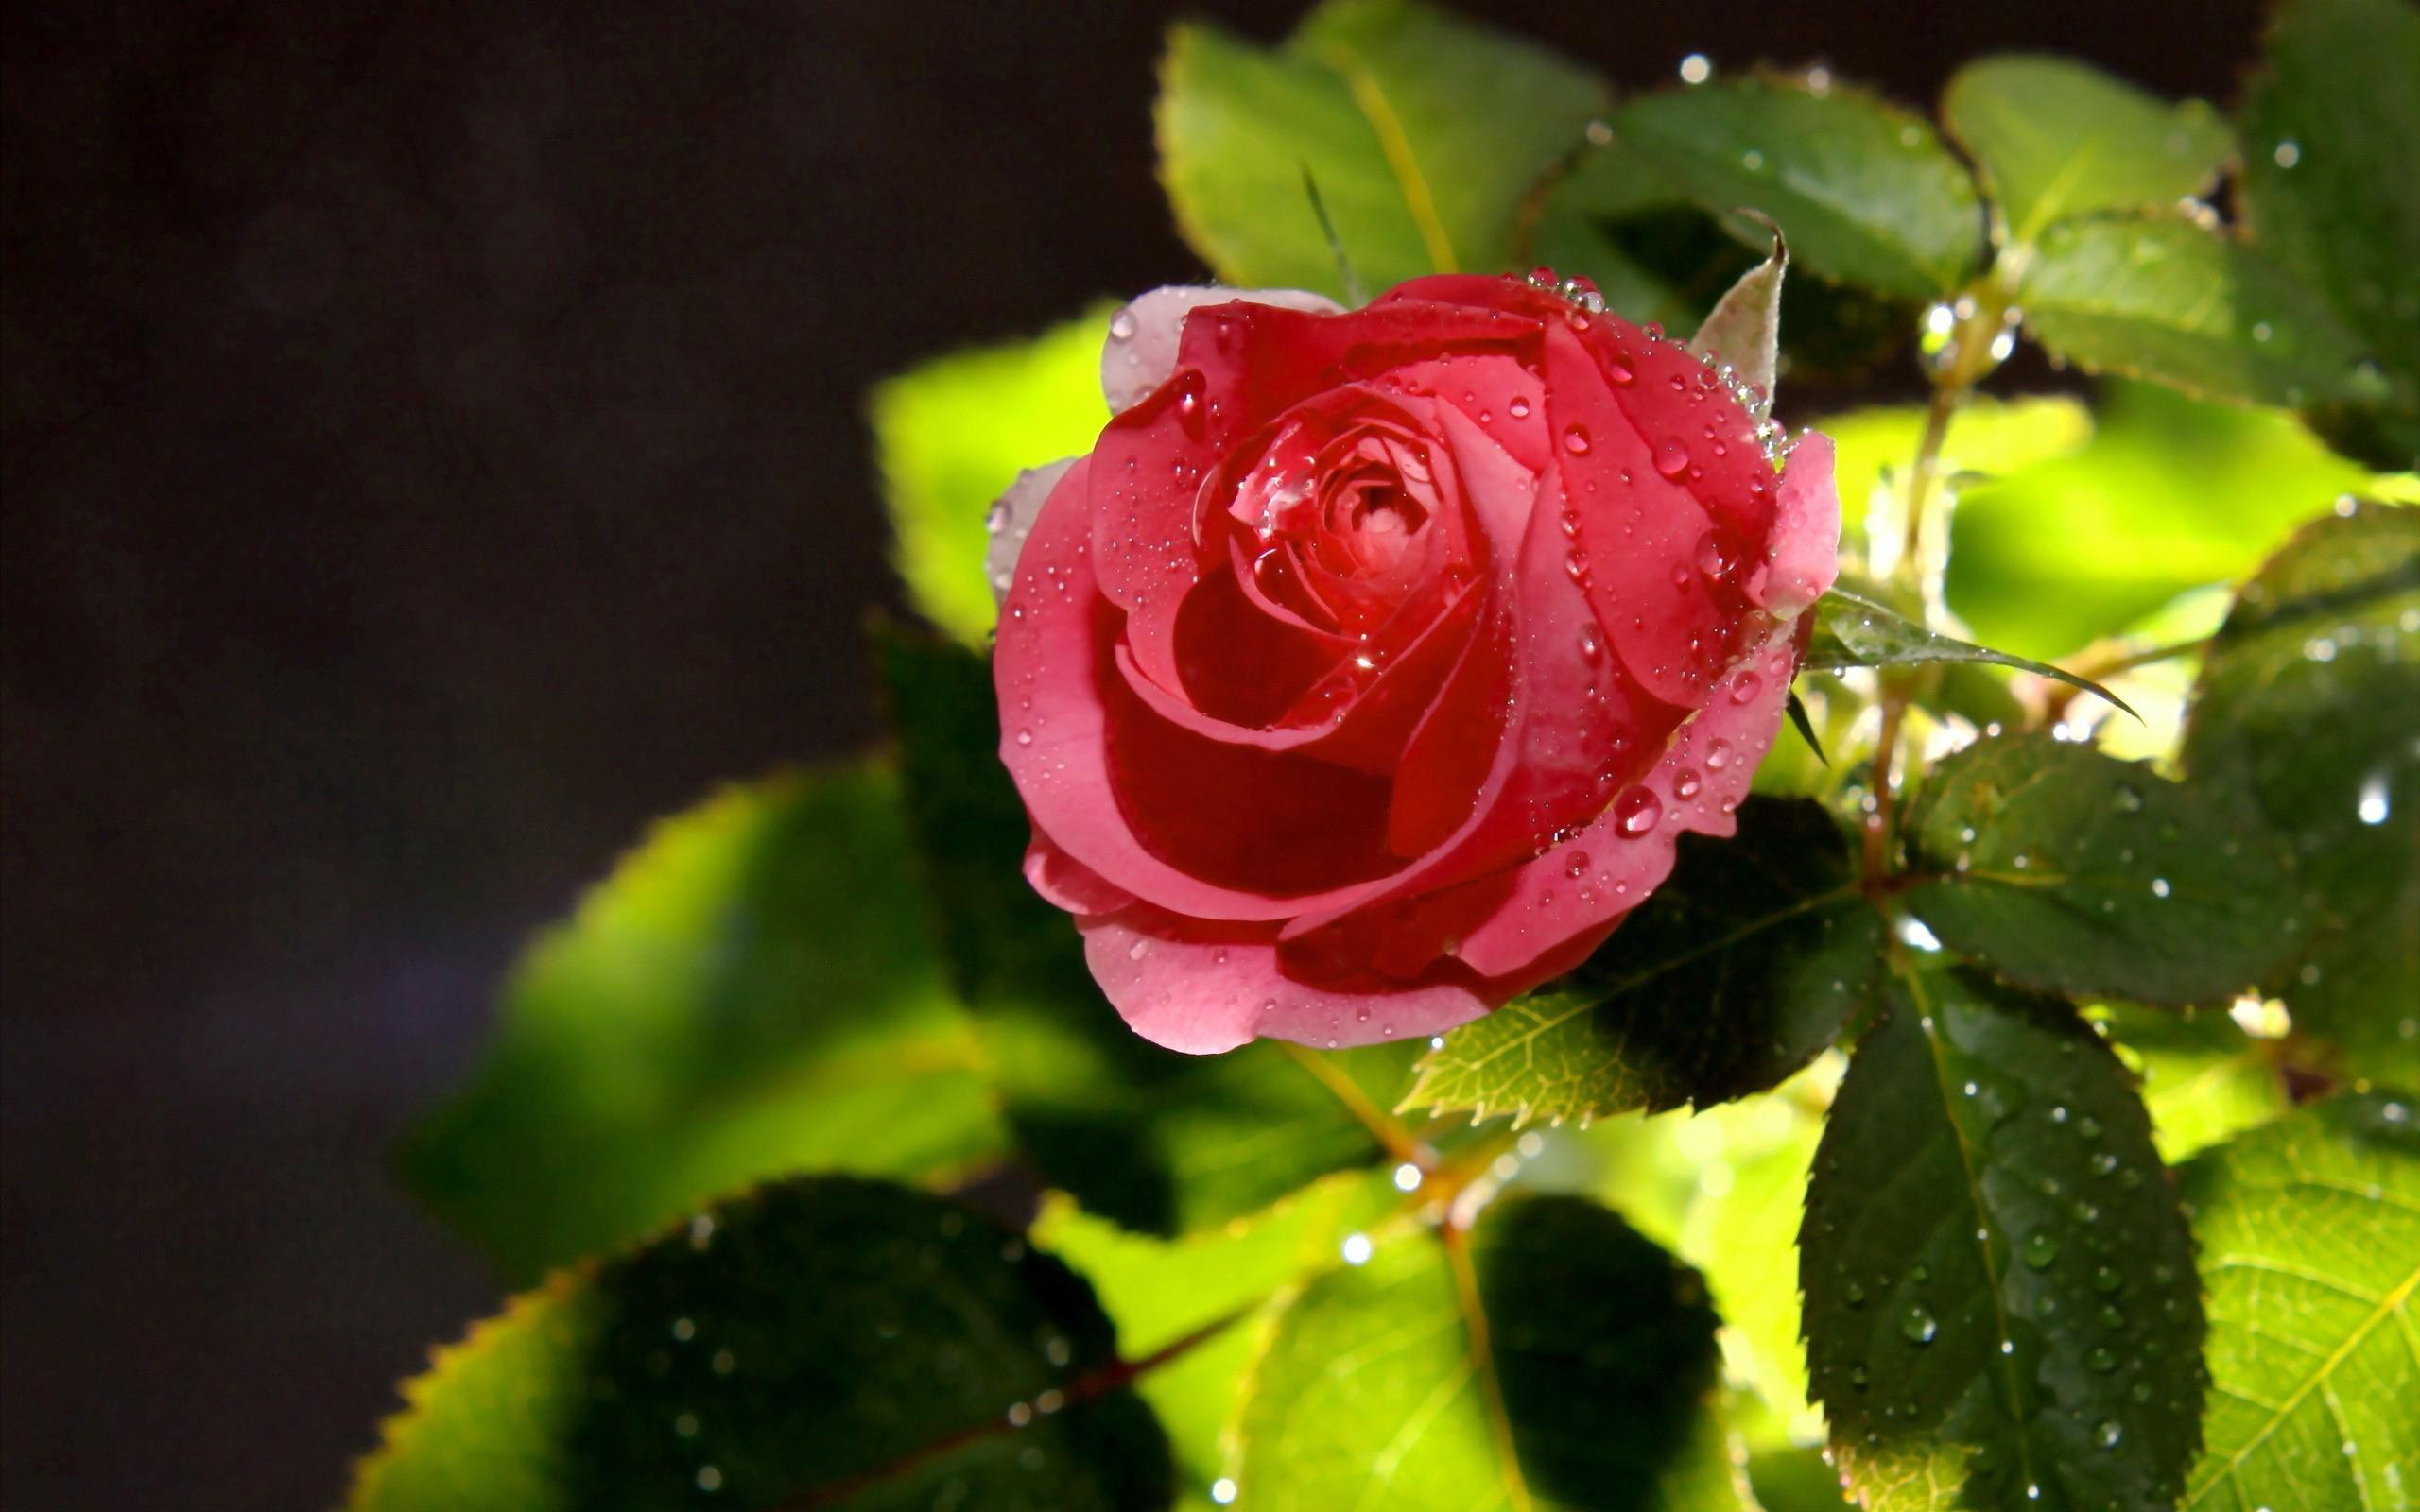 Роза с капельками  № 1352909 бесплатно